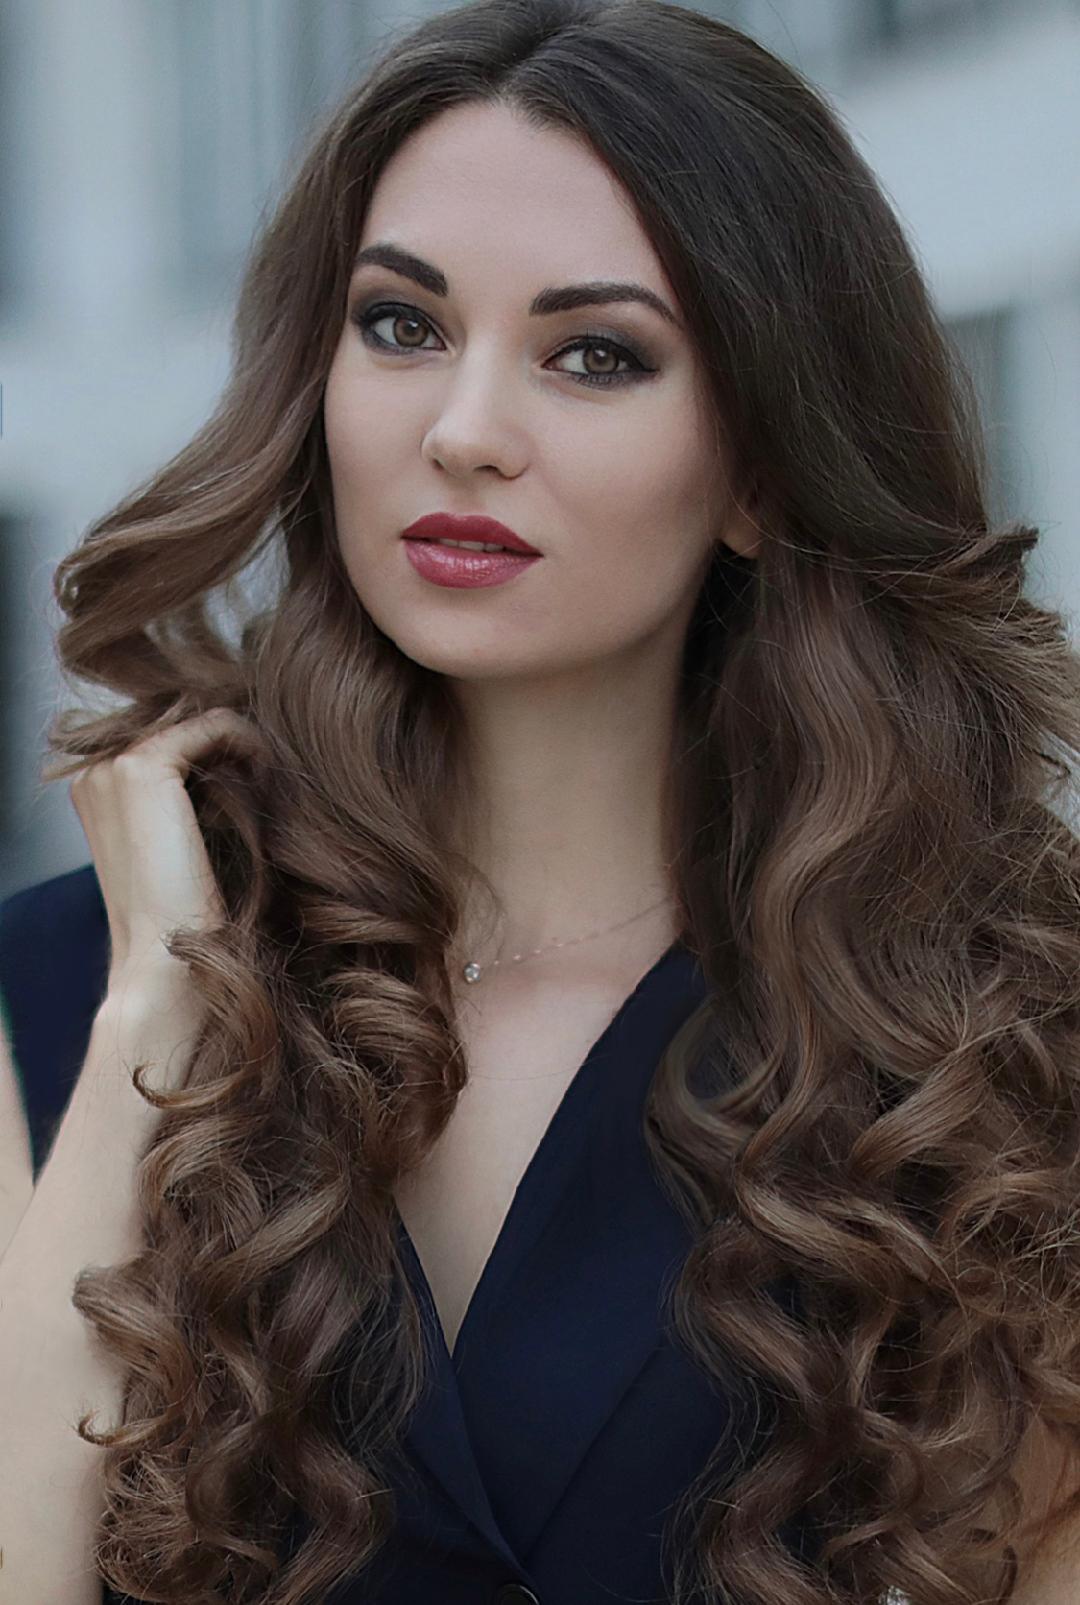 Model Margarita aus München Haarfarbe: braun (mittel)